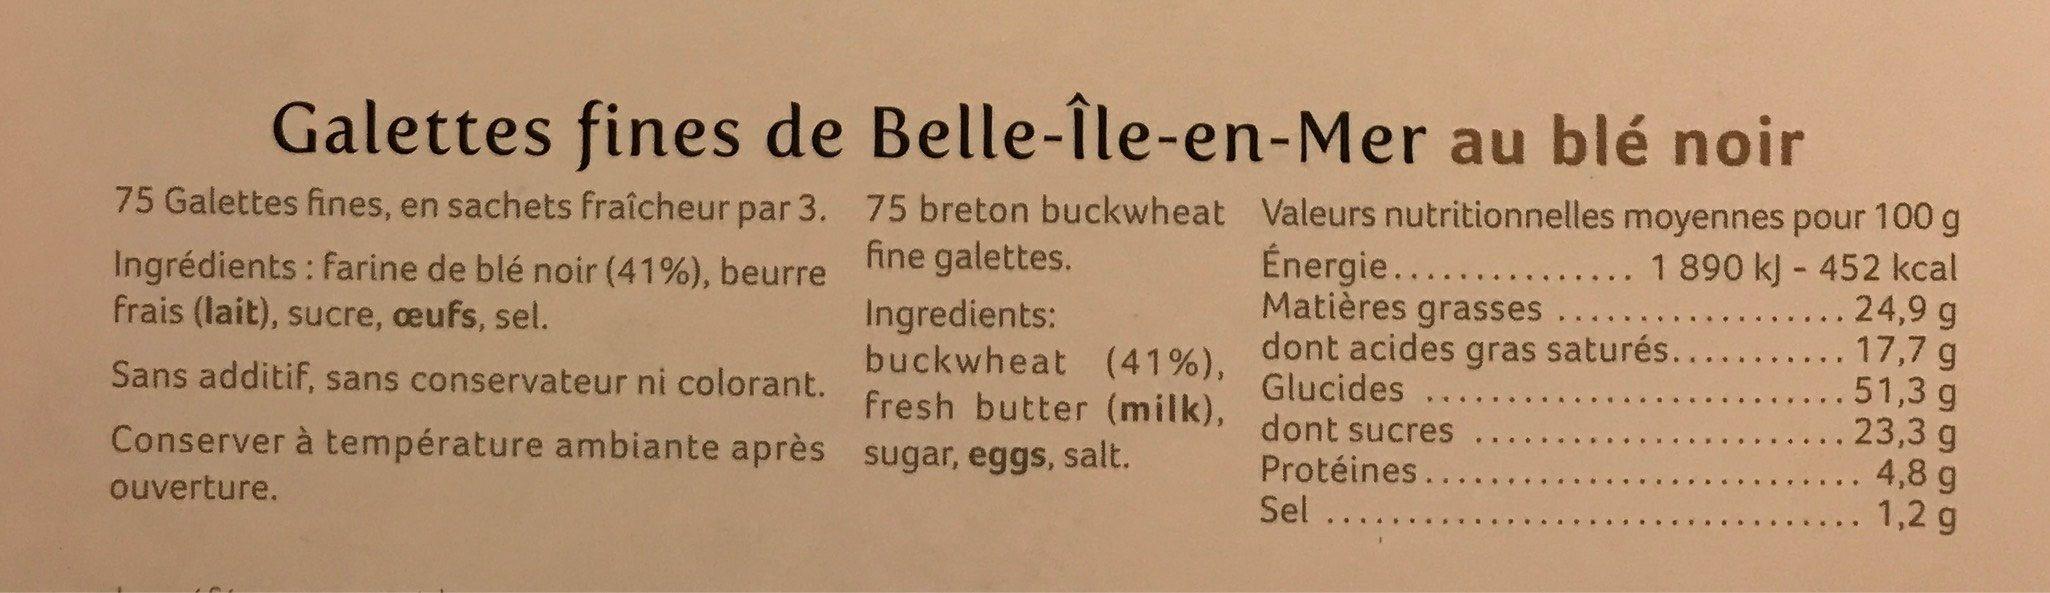 Galettes fines de Belle-Île-en-Mer au blé noir - Nutrition facts